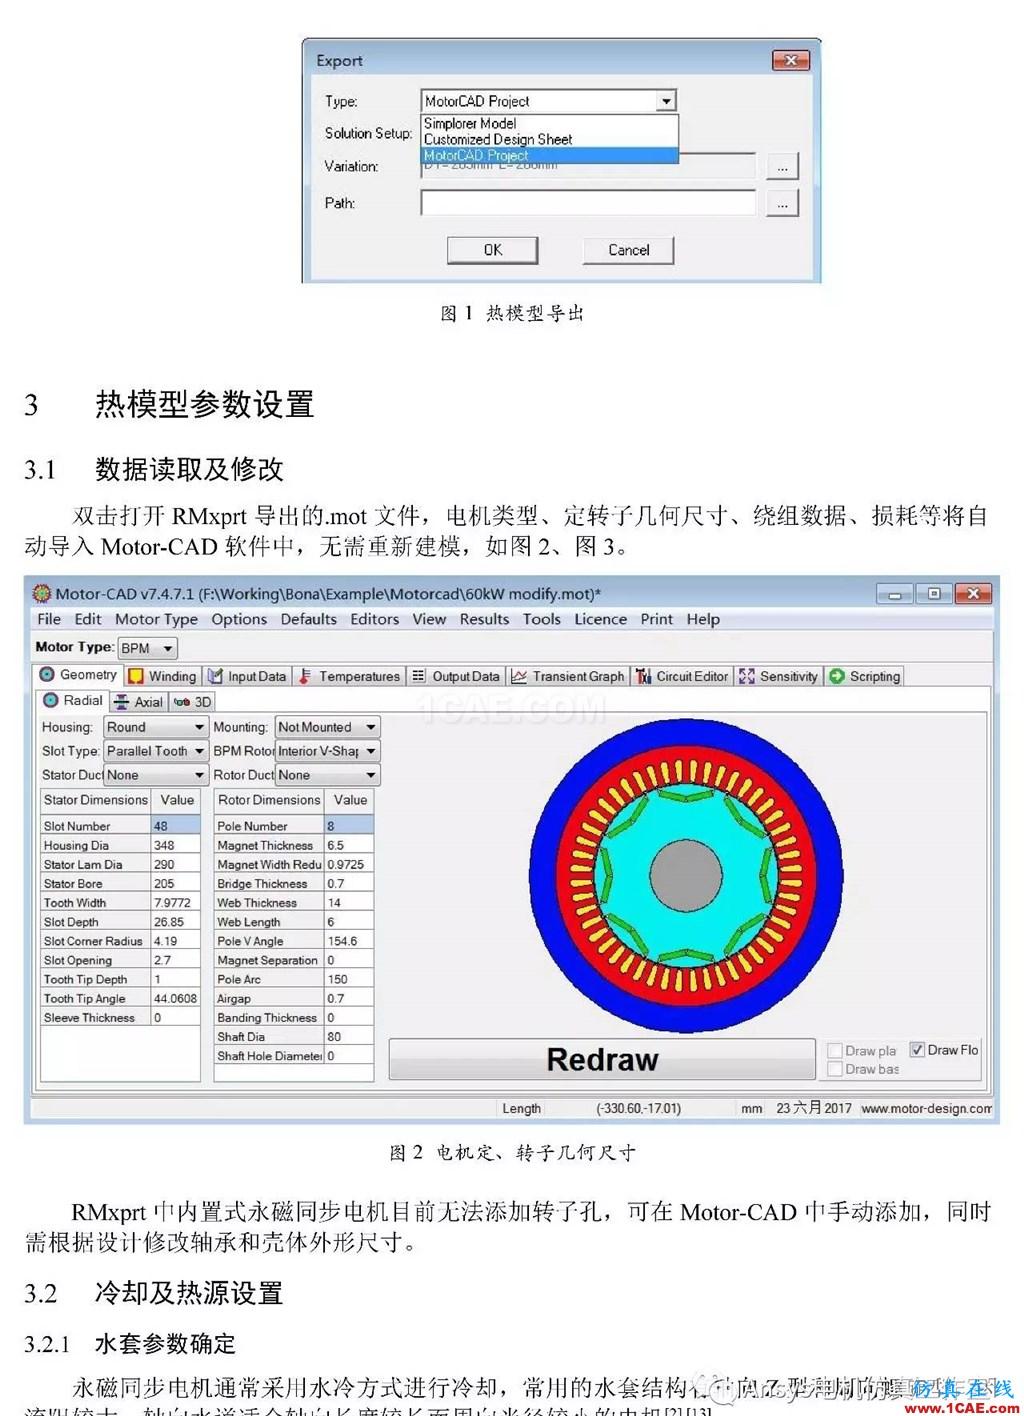 基于RMxprt和Motor-CAD永磁电机温升速算方法Maxwell分析图片3